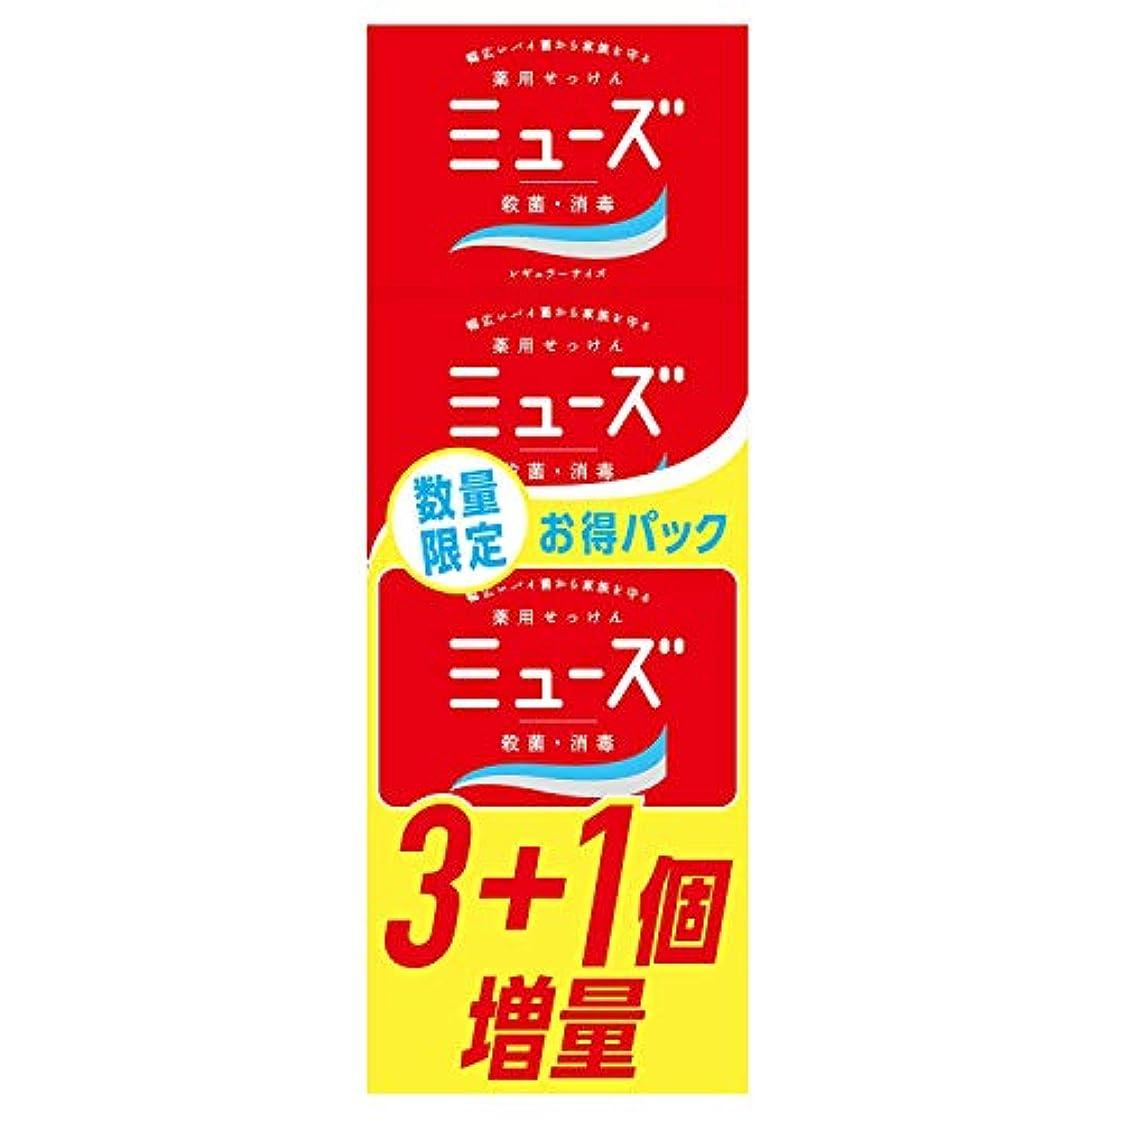 興奮制約保険をかける【医薬部外品】ミューズ石鹸レギュラー 3+1限定品